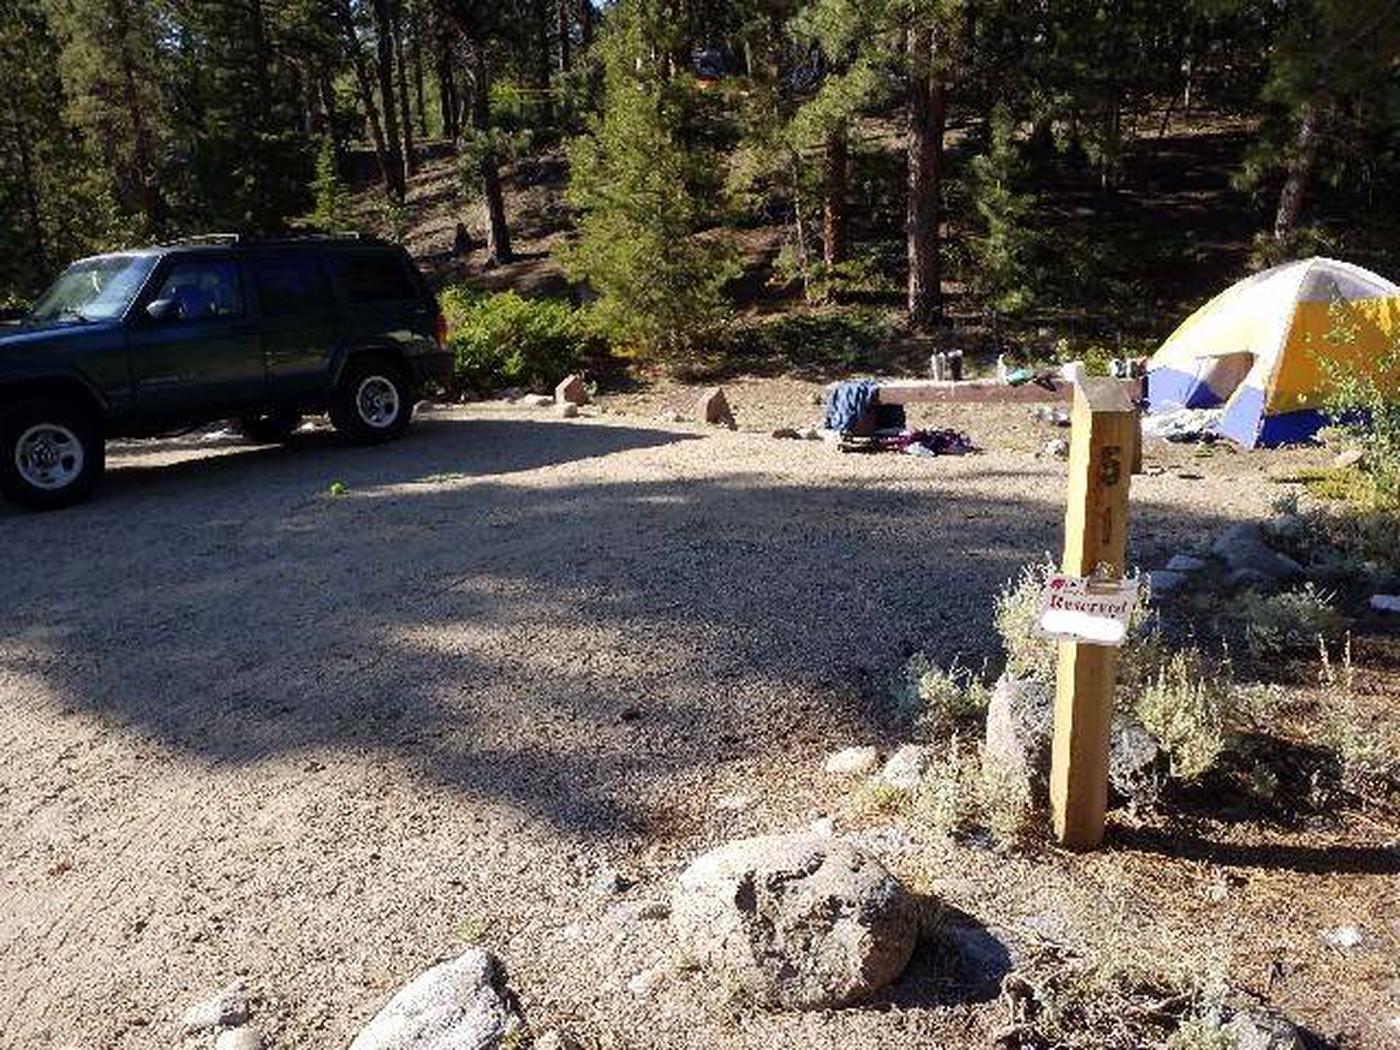 White Star Campground, site 51 marker